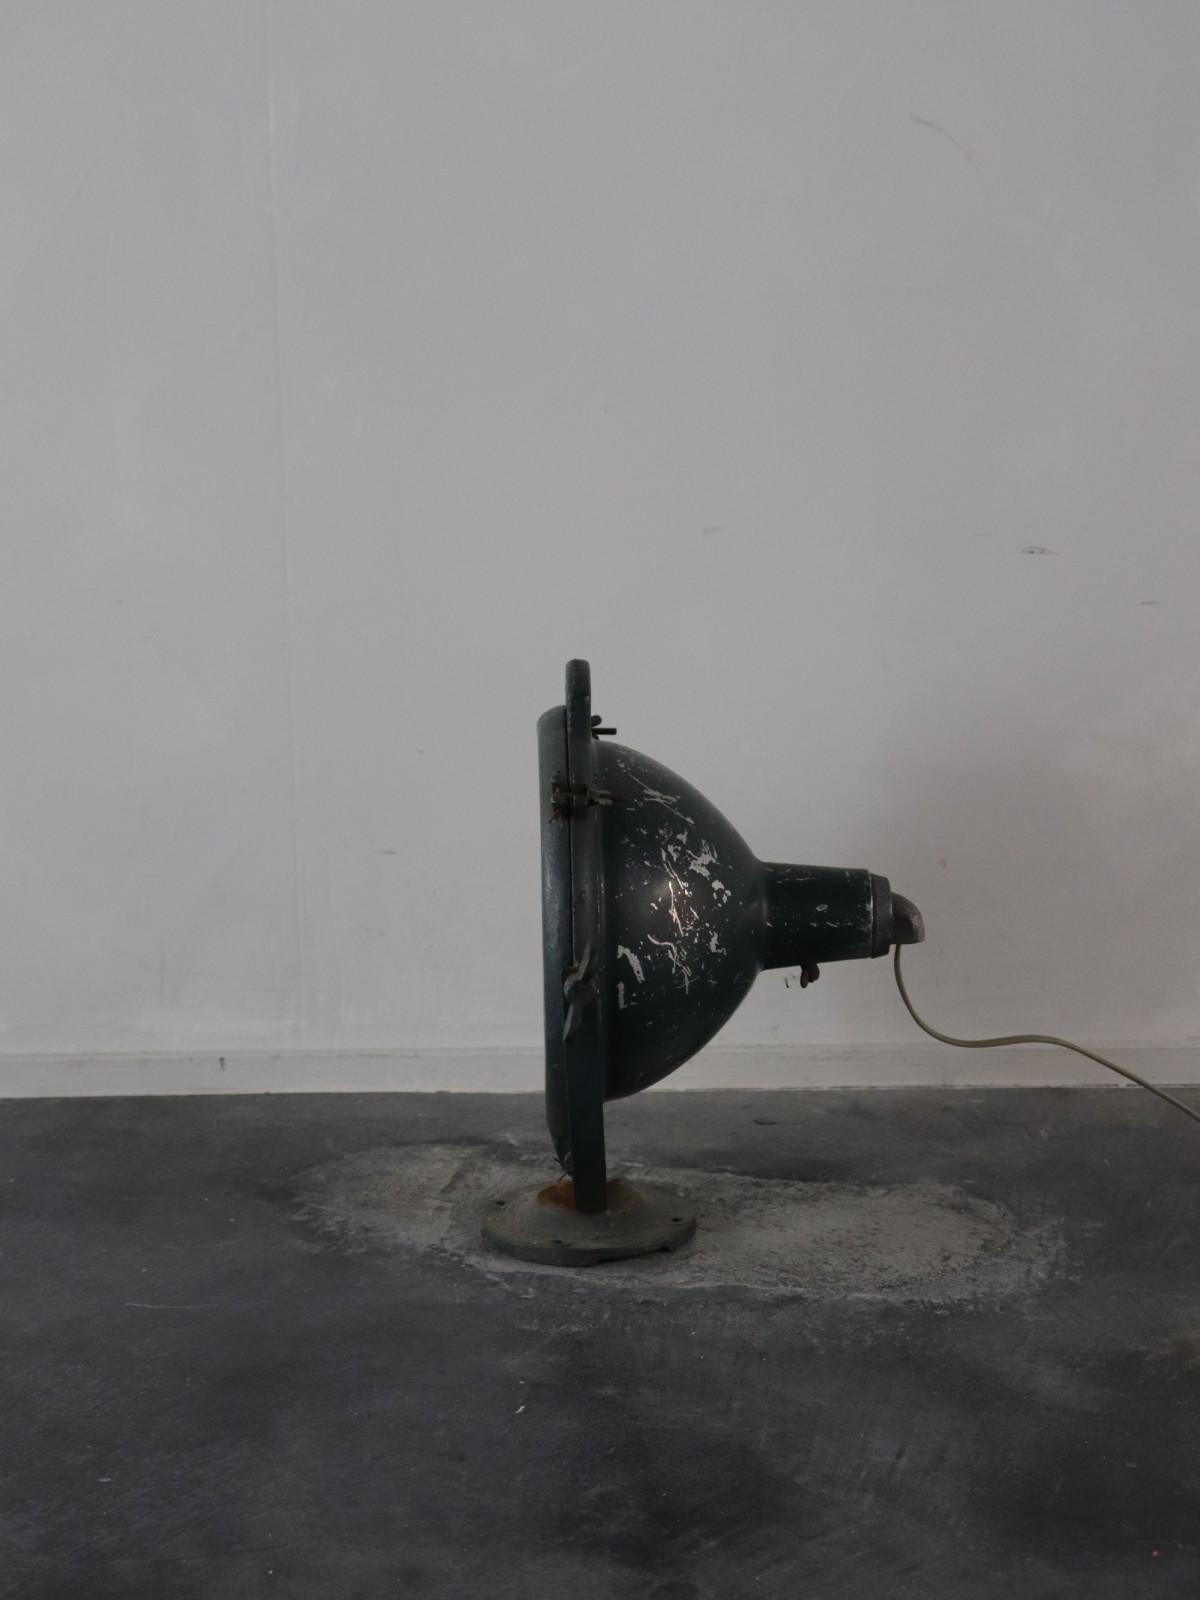 vintage lmap, flood light, national